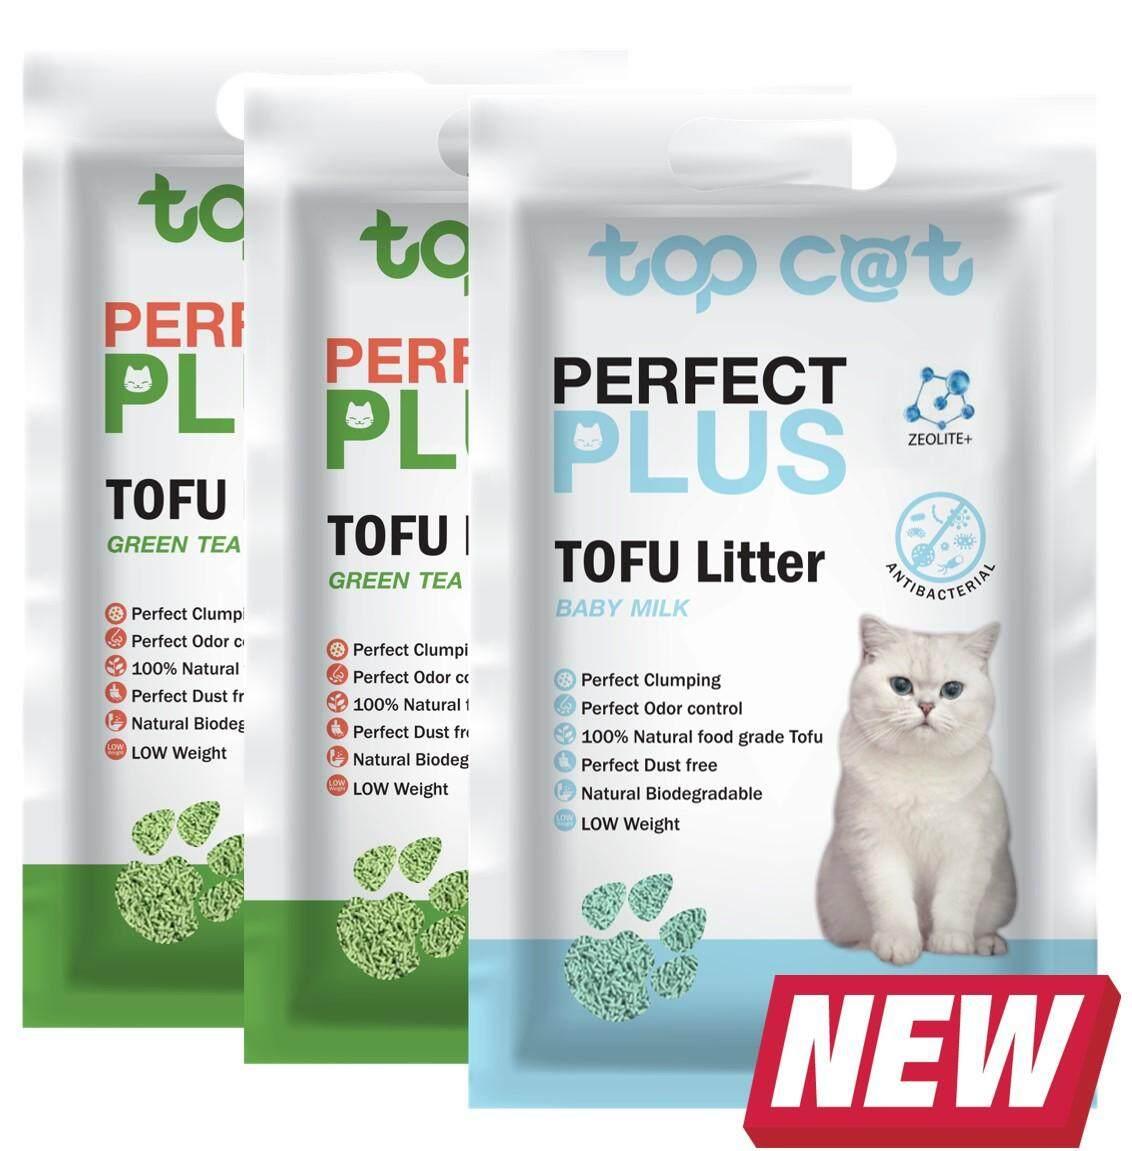 ทรายแมวเต้าหู้ Topcat Perfect Plus กลิ่น Greentea 6l 2 ถุง Baby Milk 1 ถุง By Topcat.